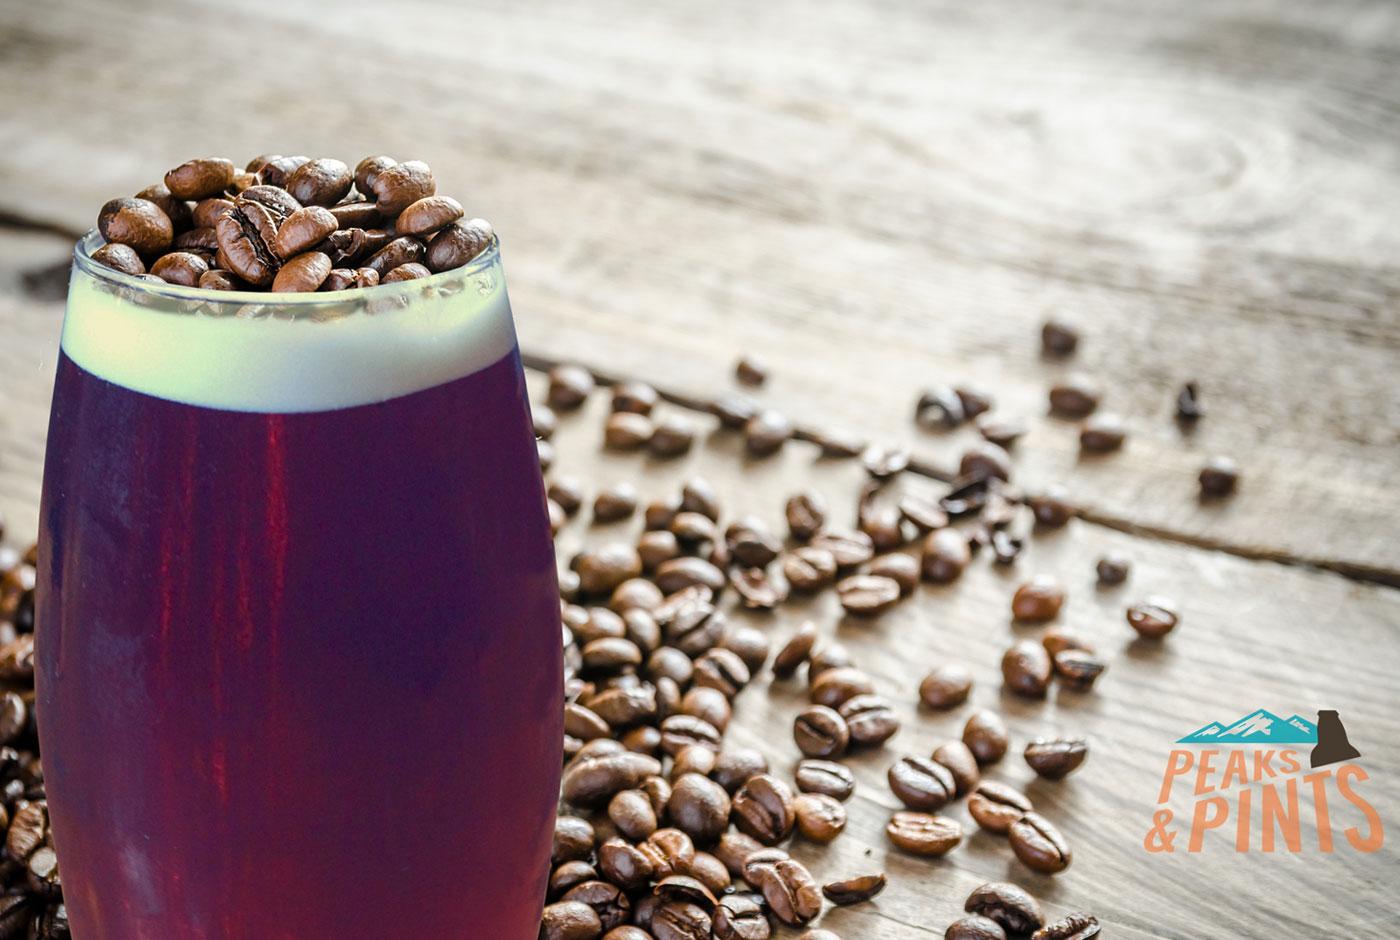 Peaks-and-Pints-Tacoma-Beer-Week-Coffee-Beer-Chat-calendar